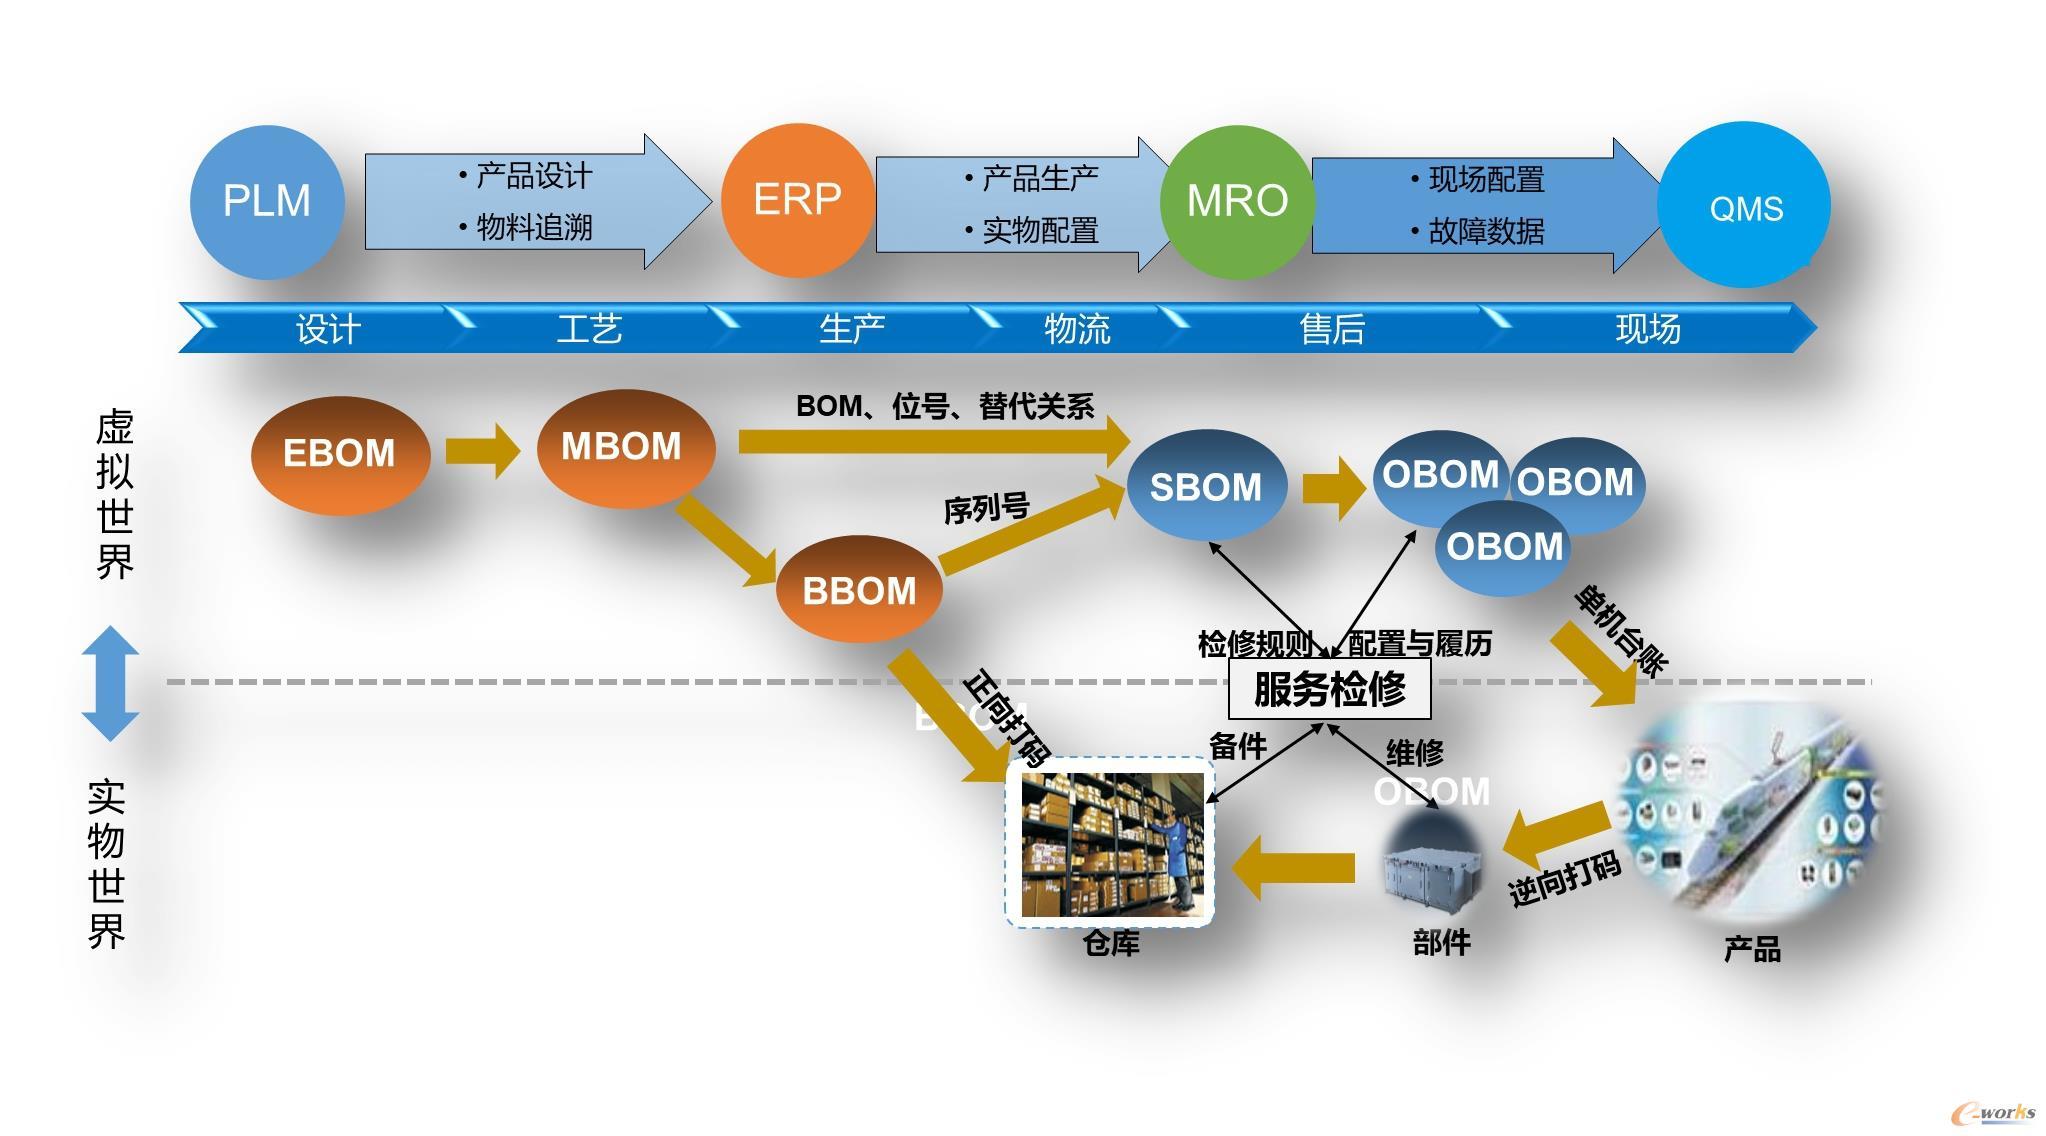 某国内机车企业共同推动BOM数字链贯通